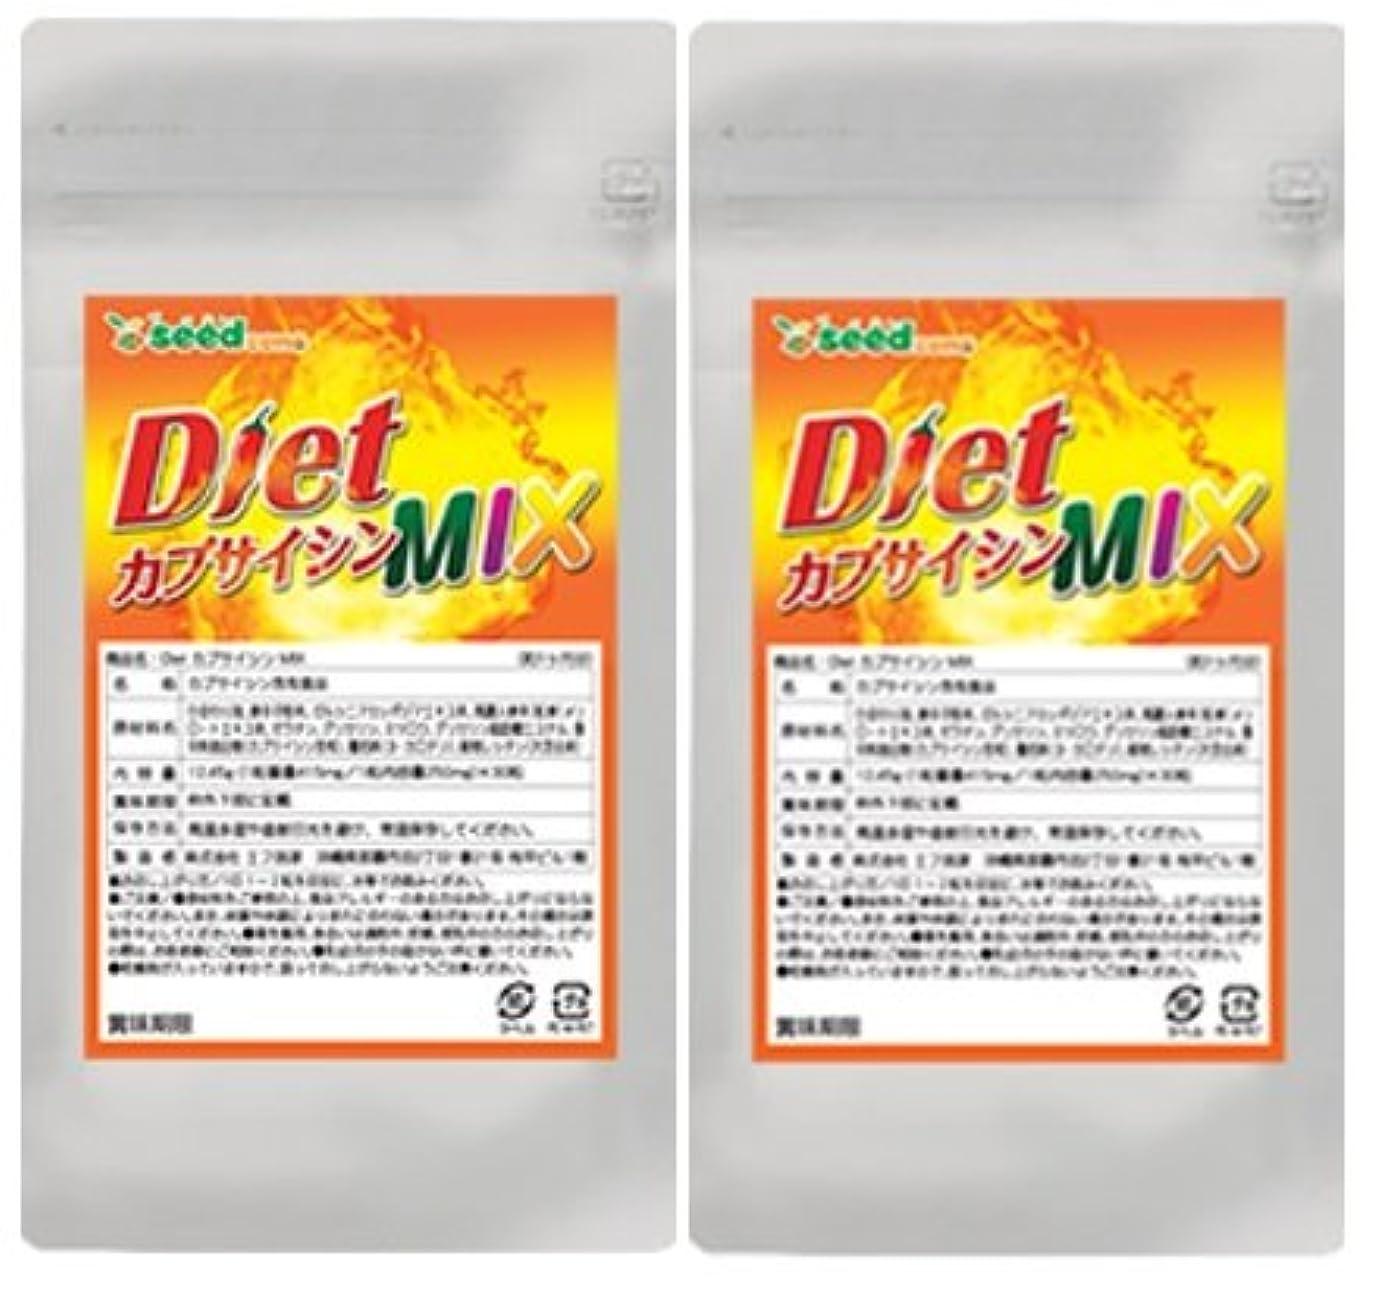 しょっぱい突進確認する【 seedcoms シードコムス 公式 】Diet カプサイシン MIX (約6ケ月分) メリロート、高麗人参もプラス